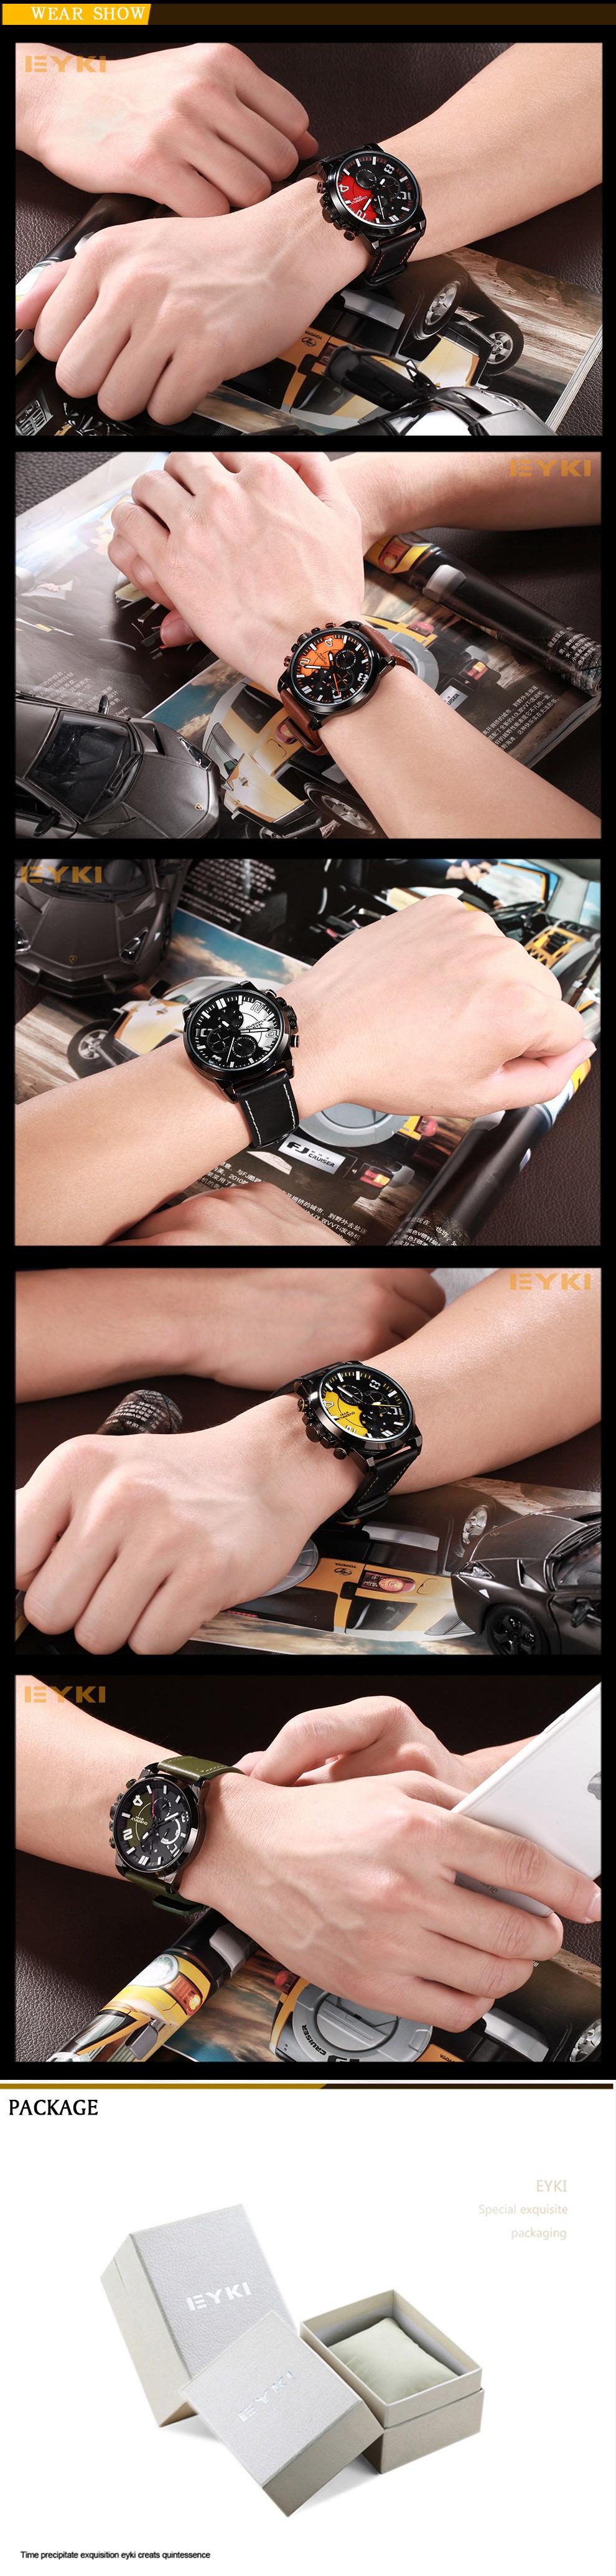 Марка EYKI многофункциональный Аналоговый Военные Часы Водонепроницаемые Часы Люксовый Бренд для Мужчин с логотипом Кварцевые Часы